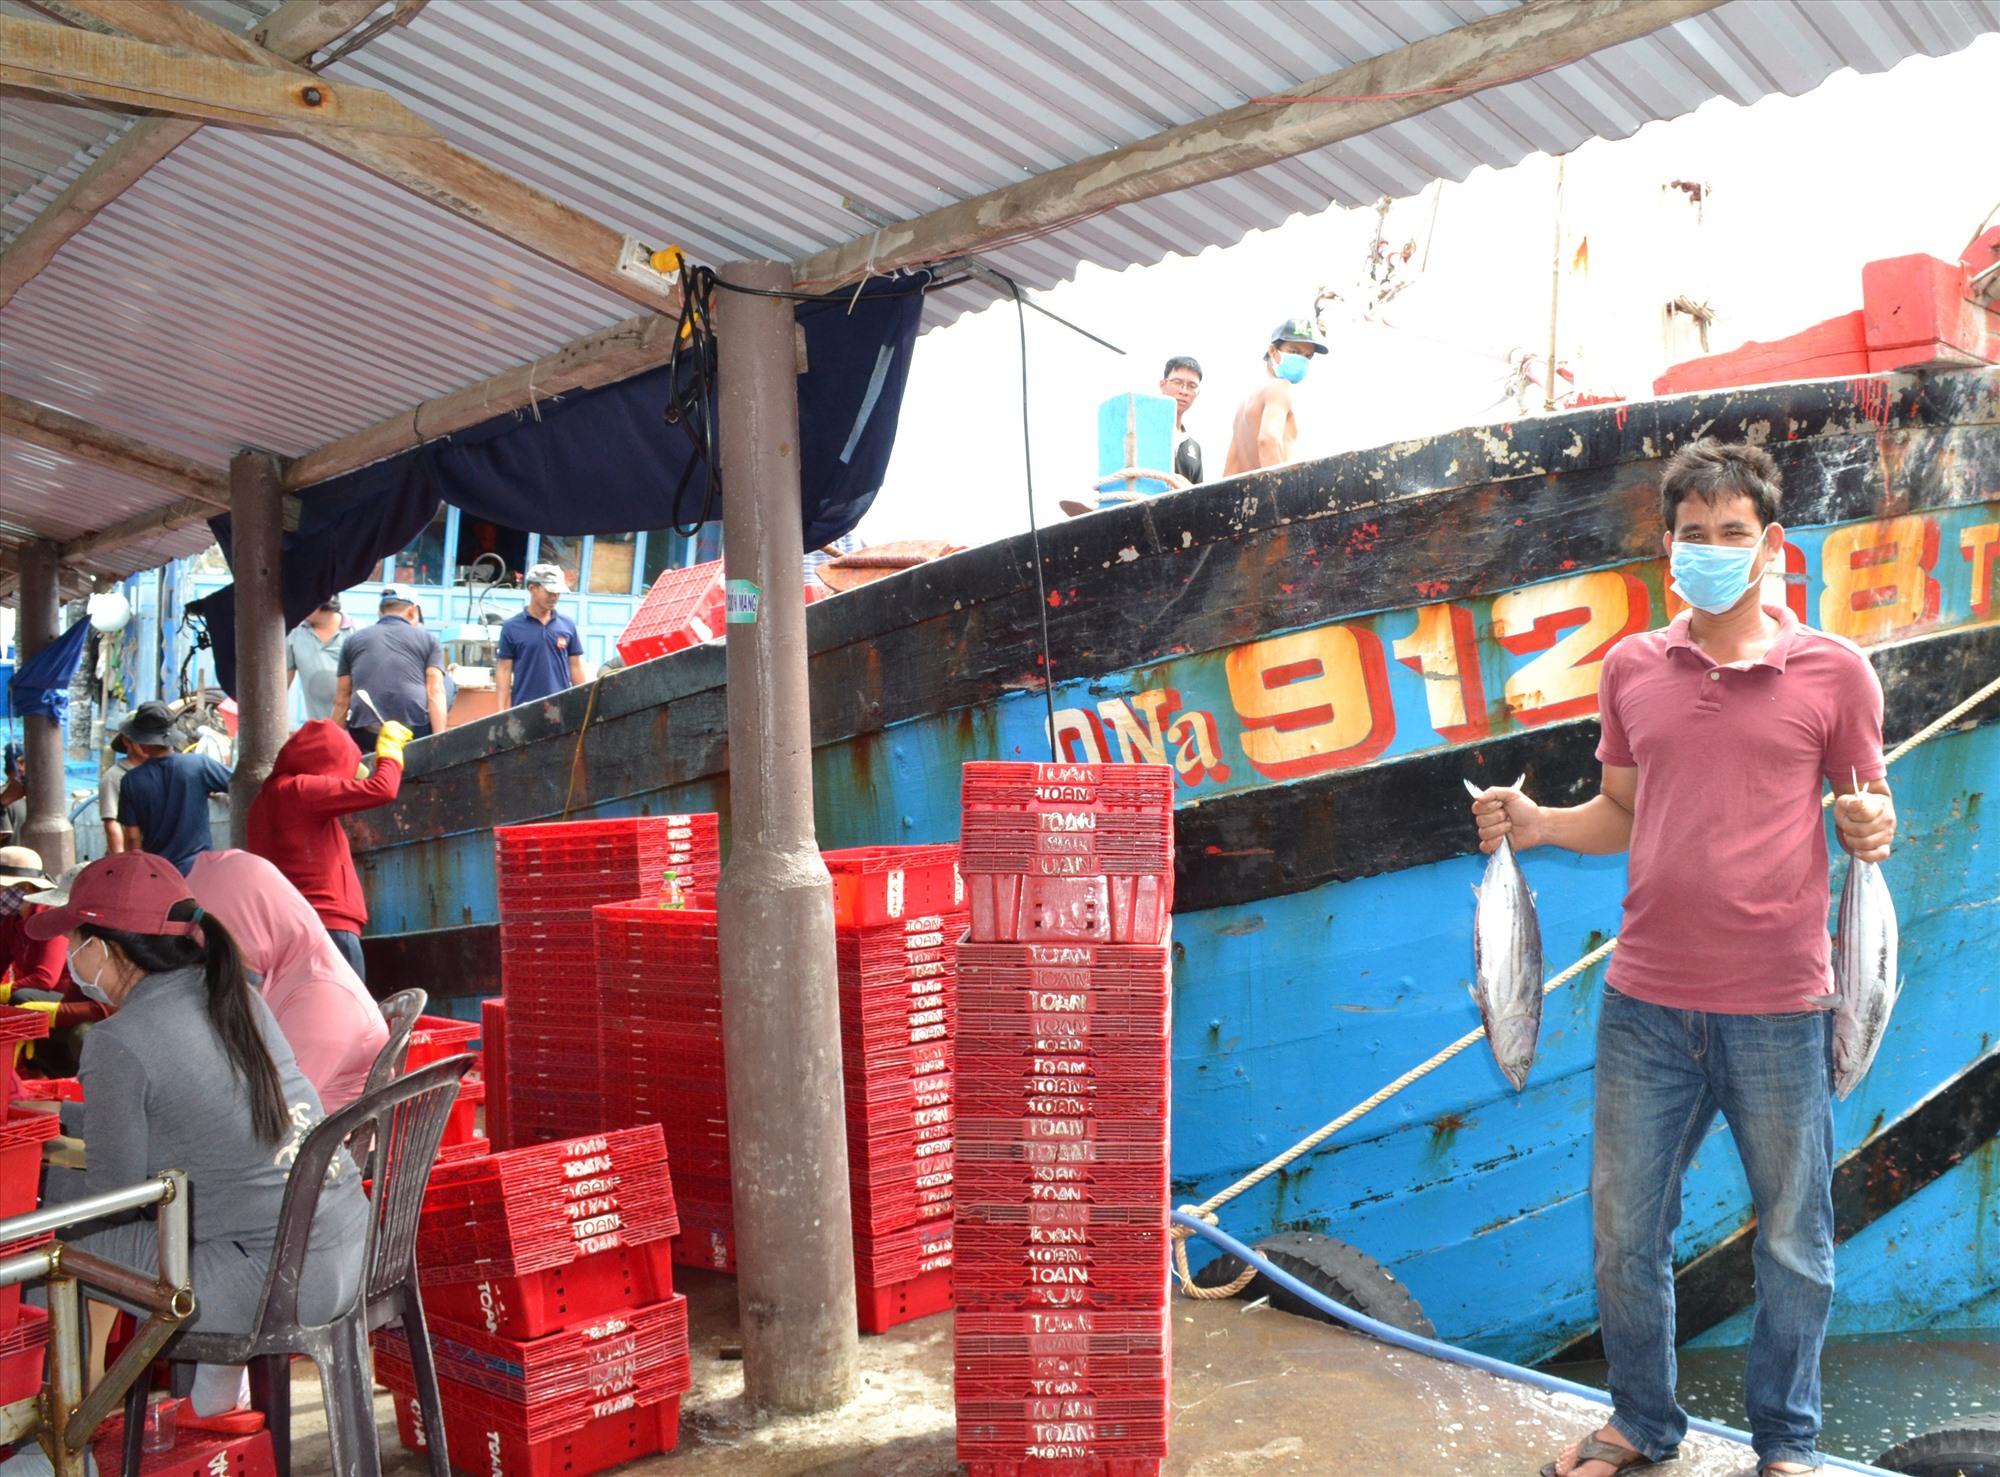 Ngư dân Huỳnh Văn Song nói, tàu đã cập bờ thì dù giá cá thấp cũng đành phải bán. Ảnh: VIỆT NGUYỄN